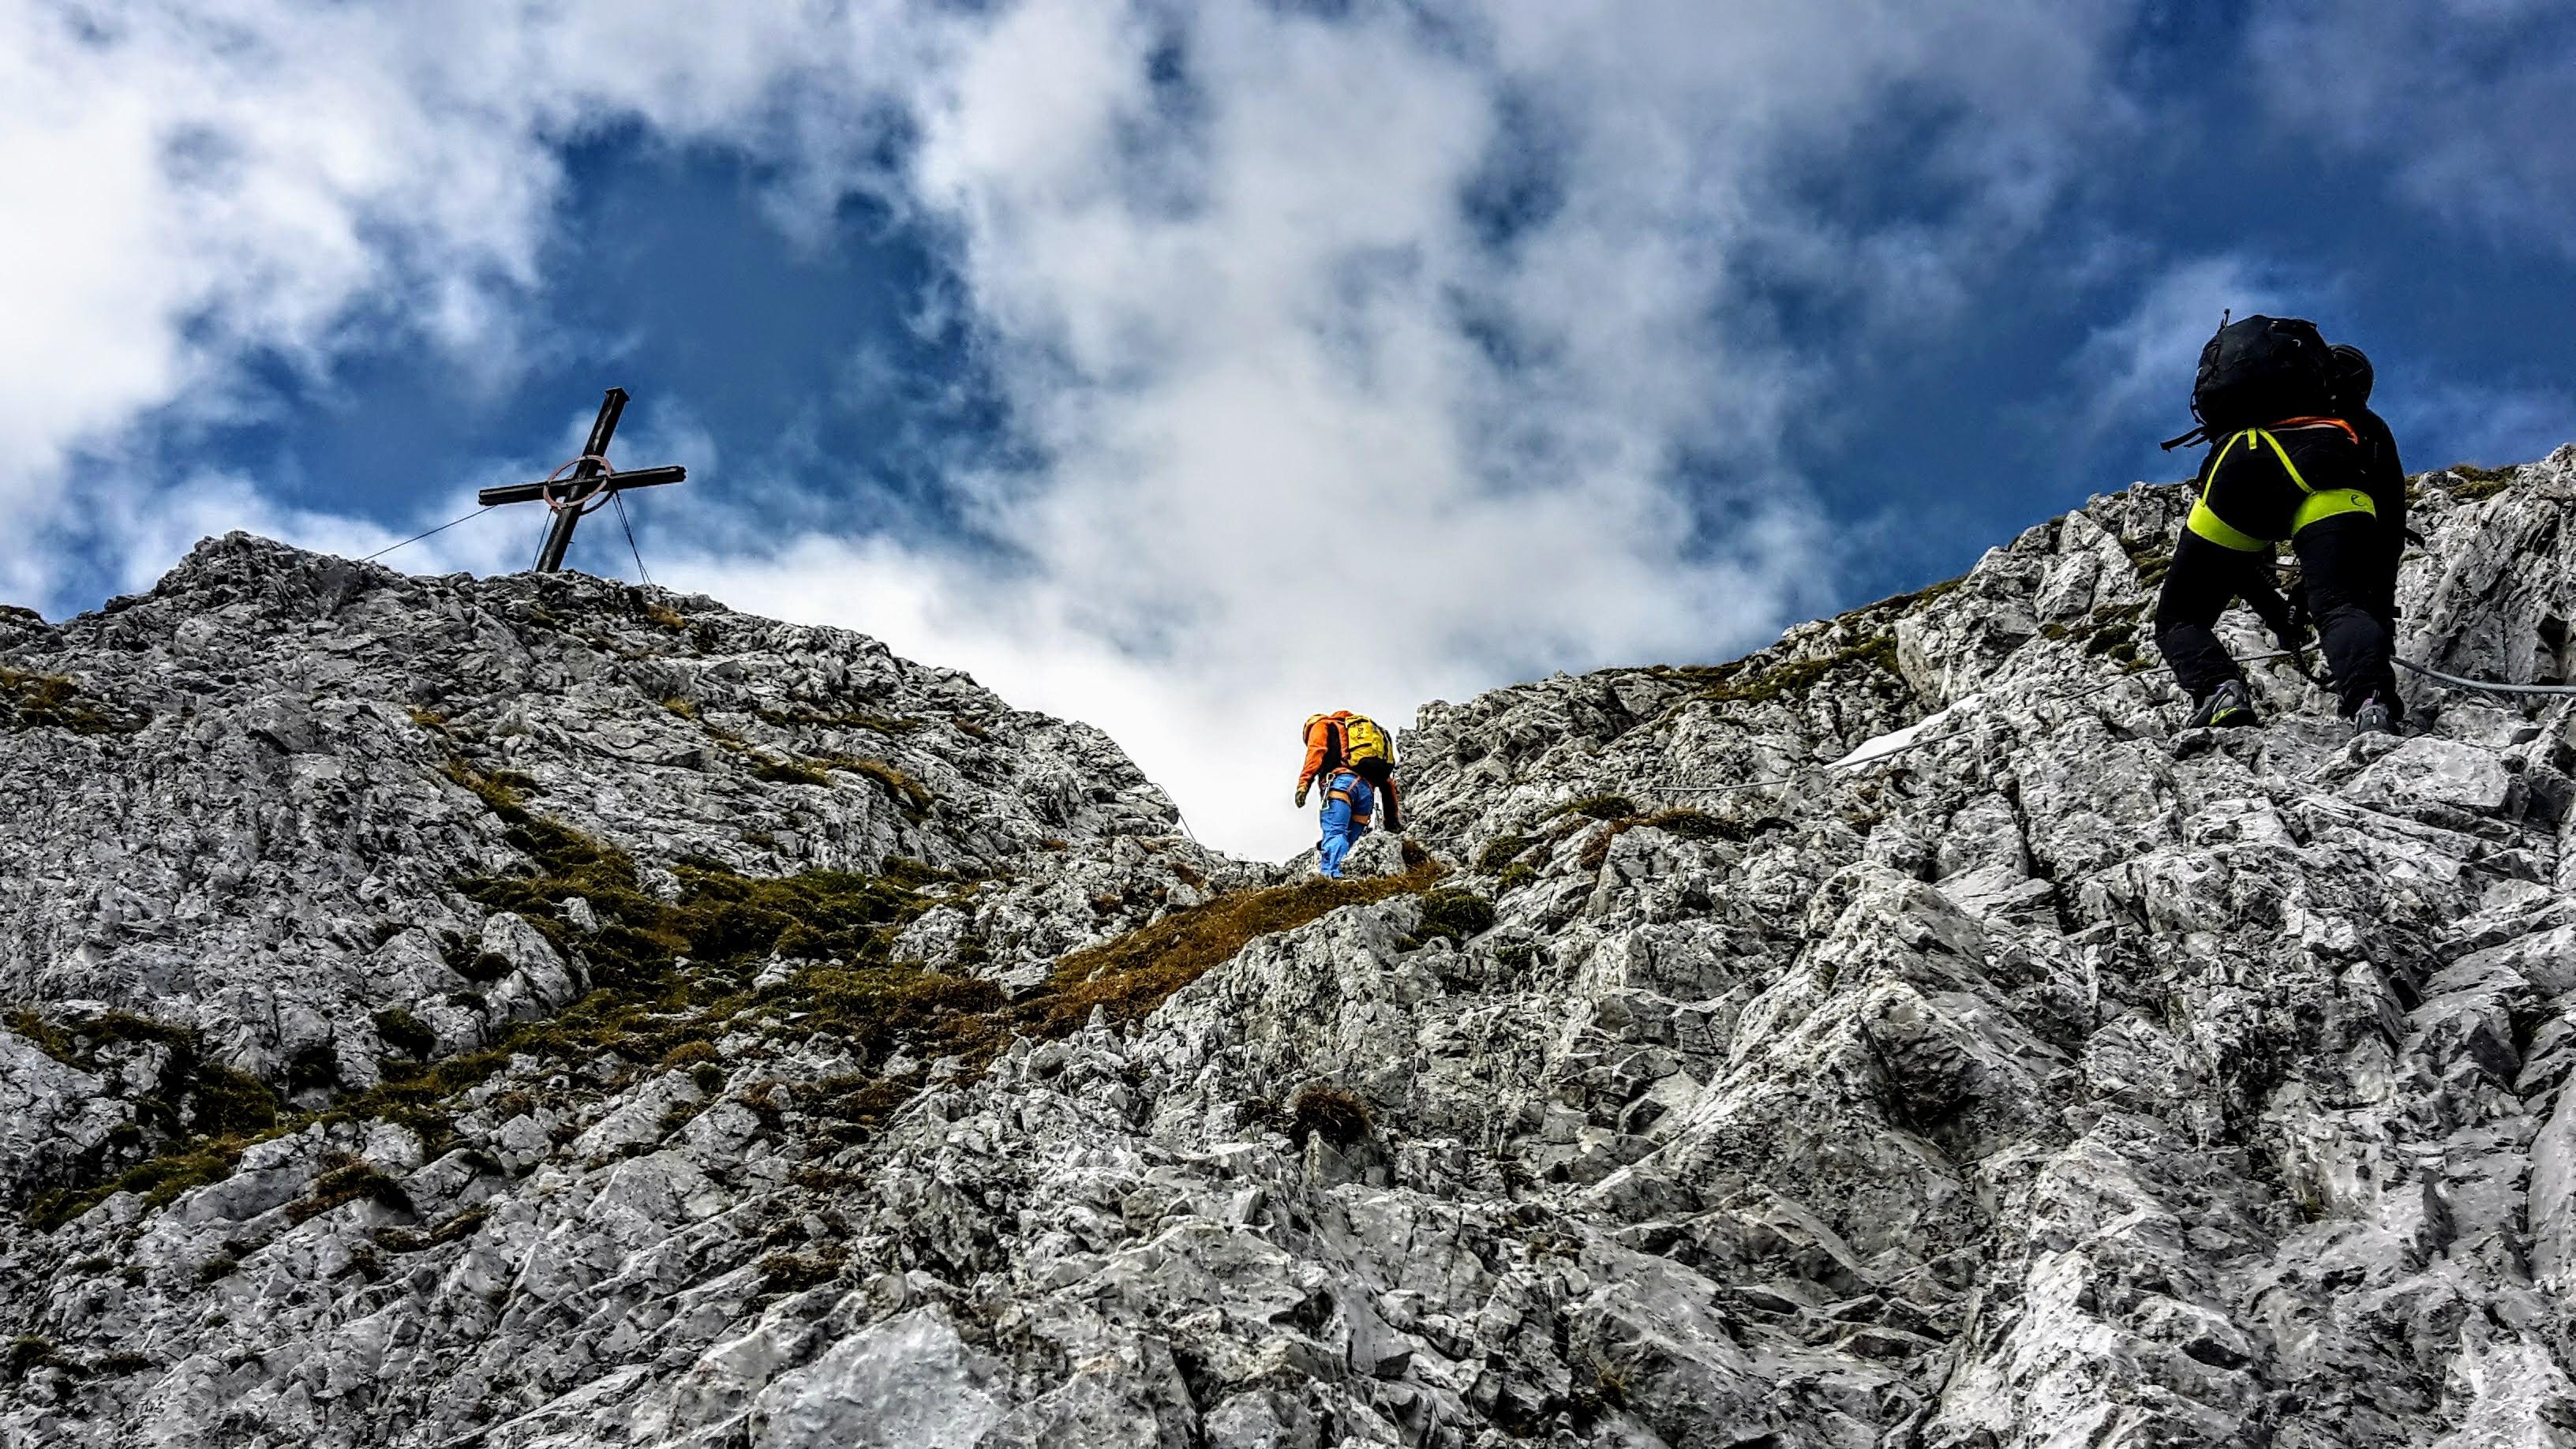 Klettersteig Tegernsee : Klettersteig gehen u die besten tipps für anfänger bergseensucht